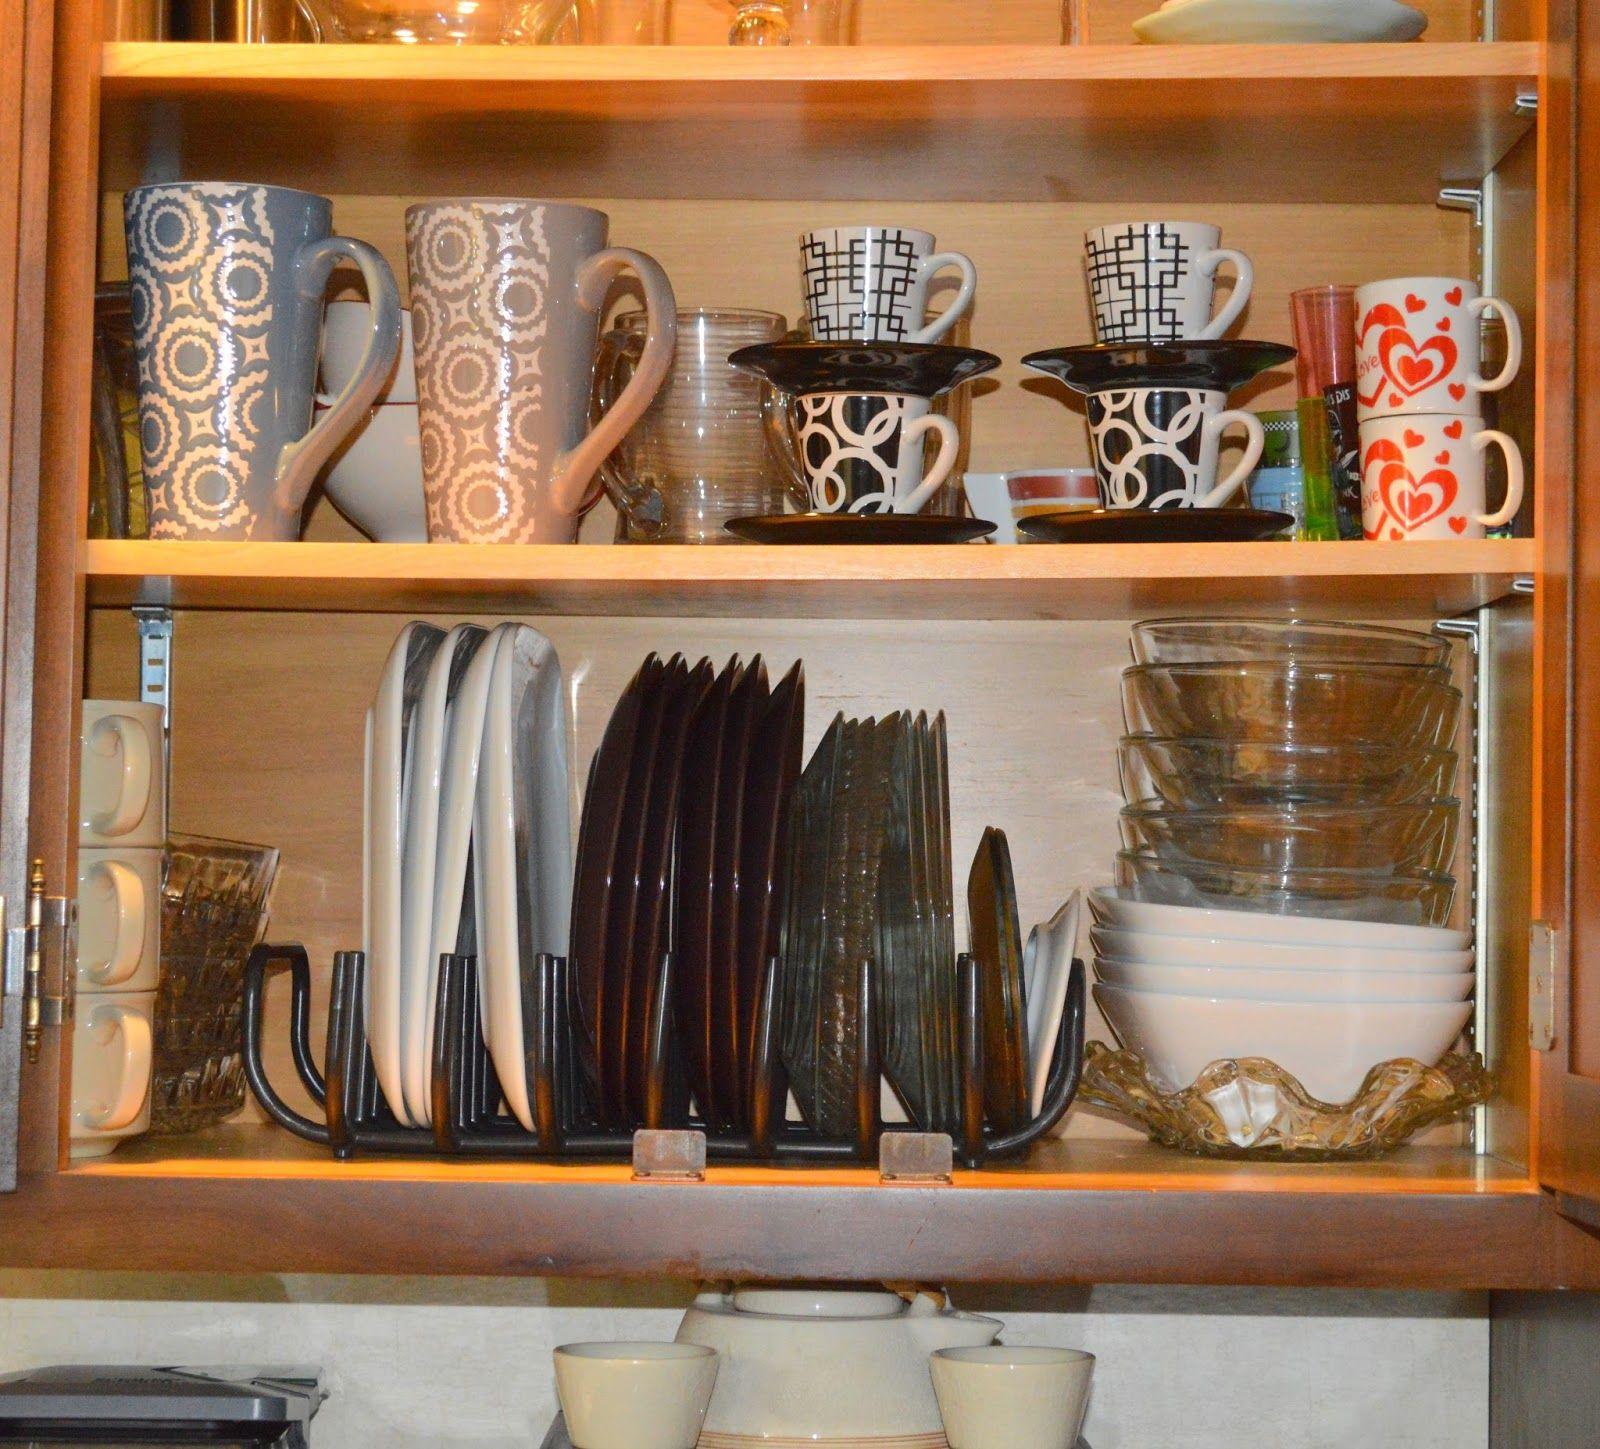 Kitchen Cabinet Organizers Walmart Roselawnlutheran Inside Kitchen Cabinets Small Kitchen Storage Diy Kitchen Cabinets